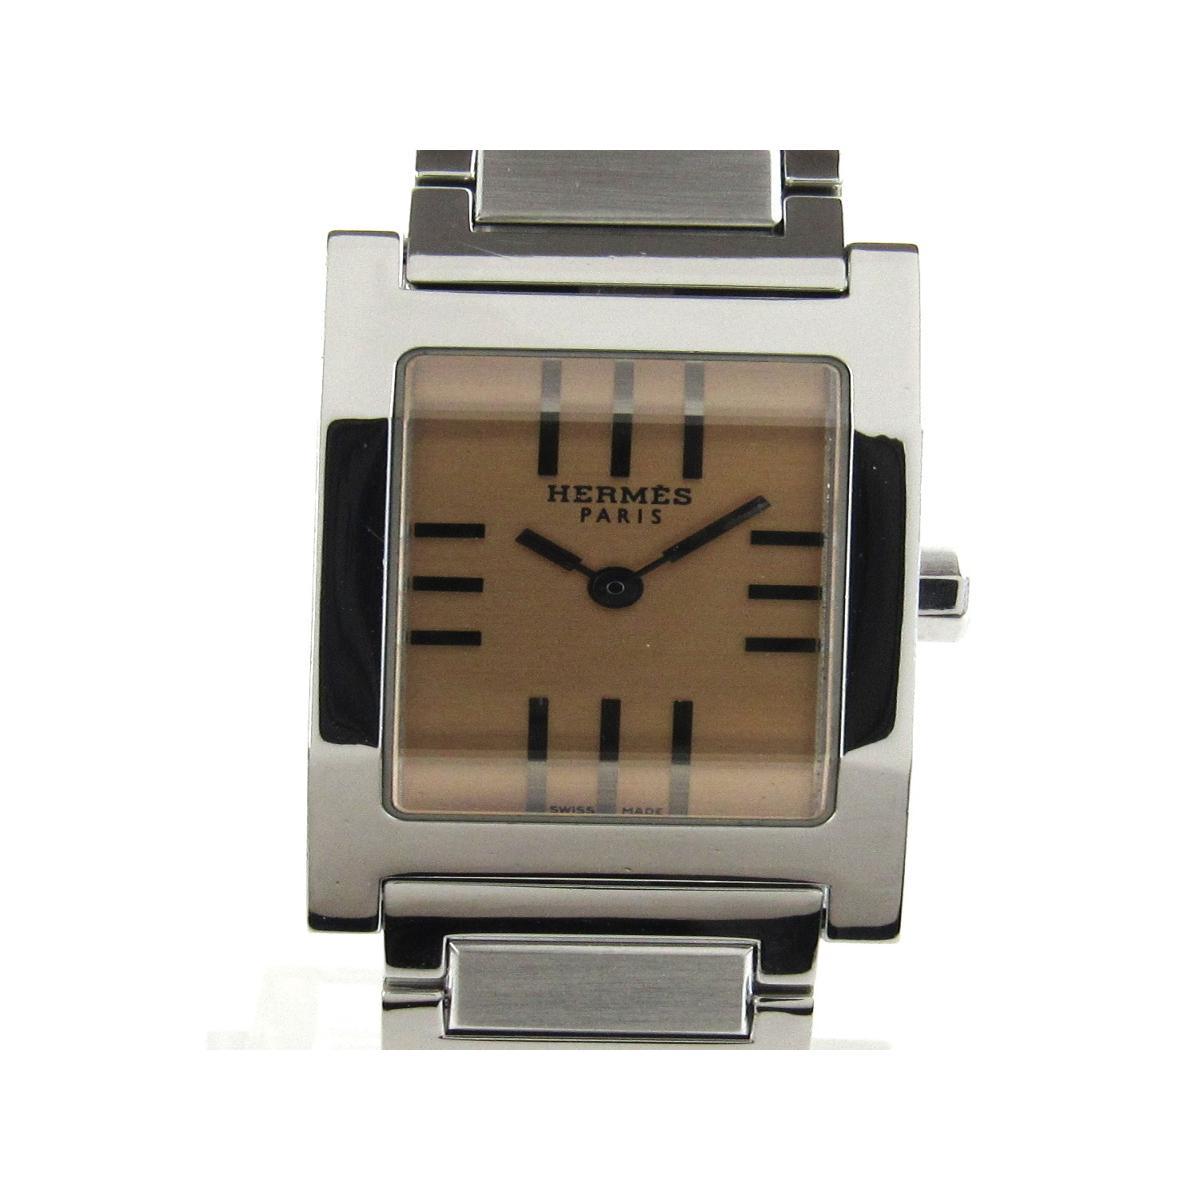 【中古】 エルメス タンデム ウォッチ 腕時計 レディース ステンレススチール (SS) (TA1.210) | HERMES クオーツ クォーツ 時計 タンデム 美品 ブランドオフ